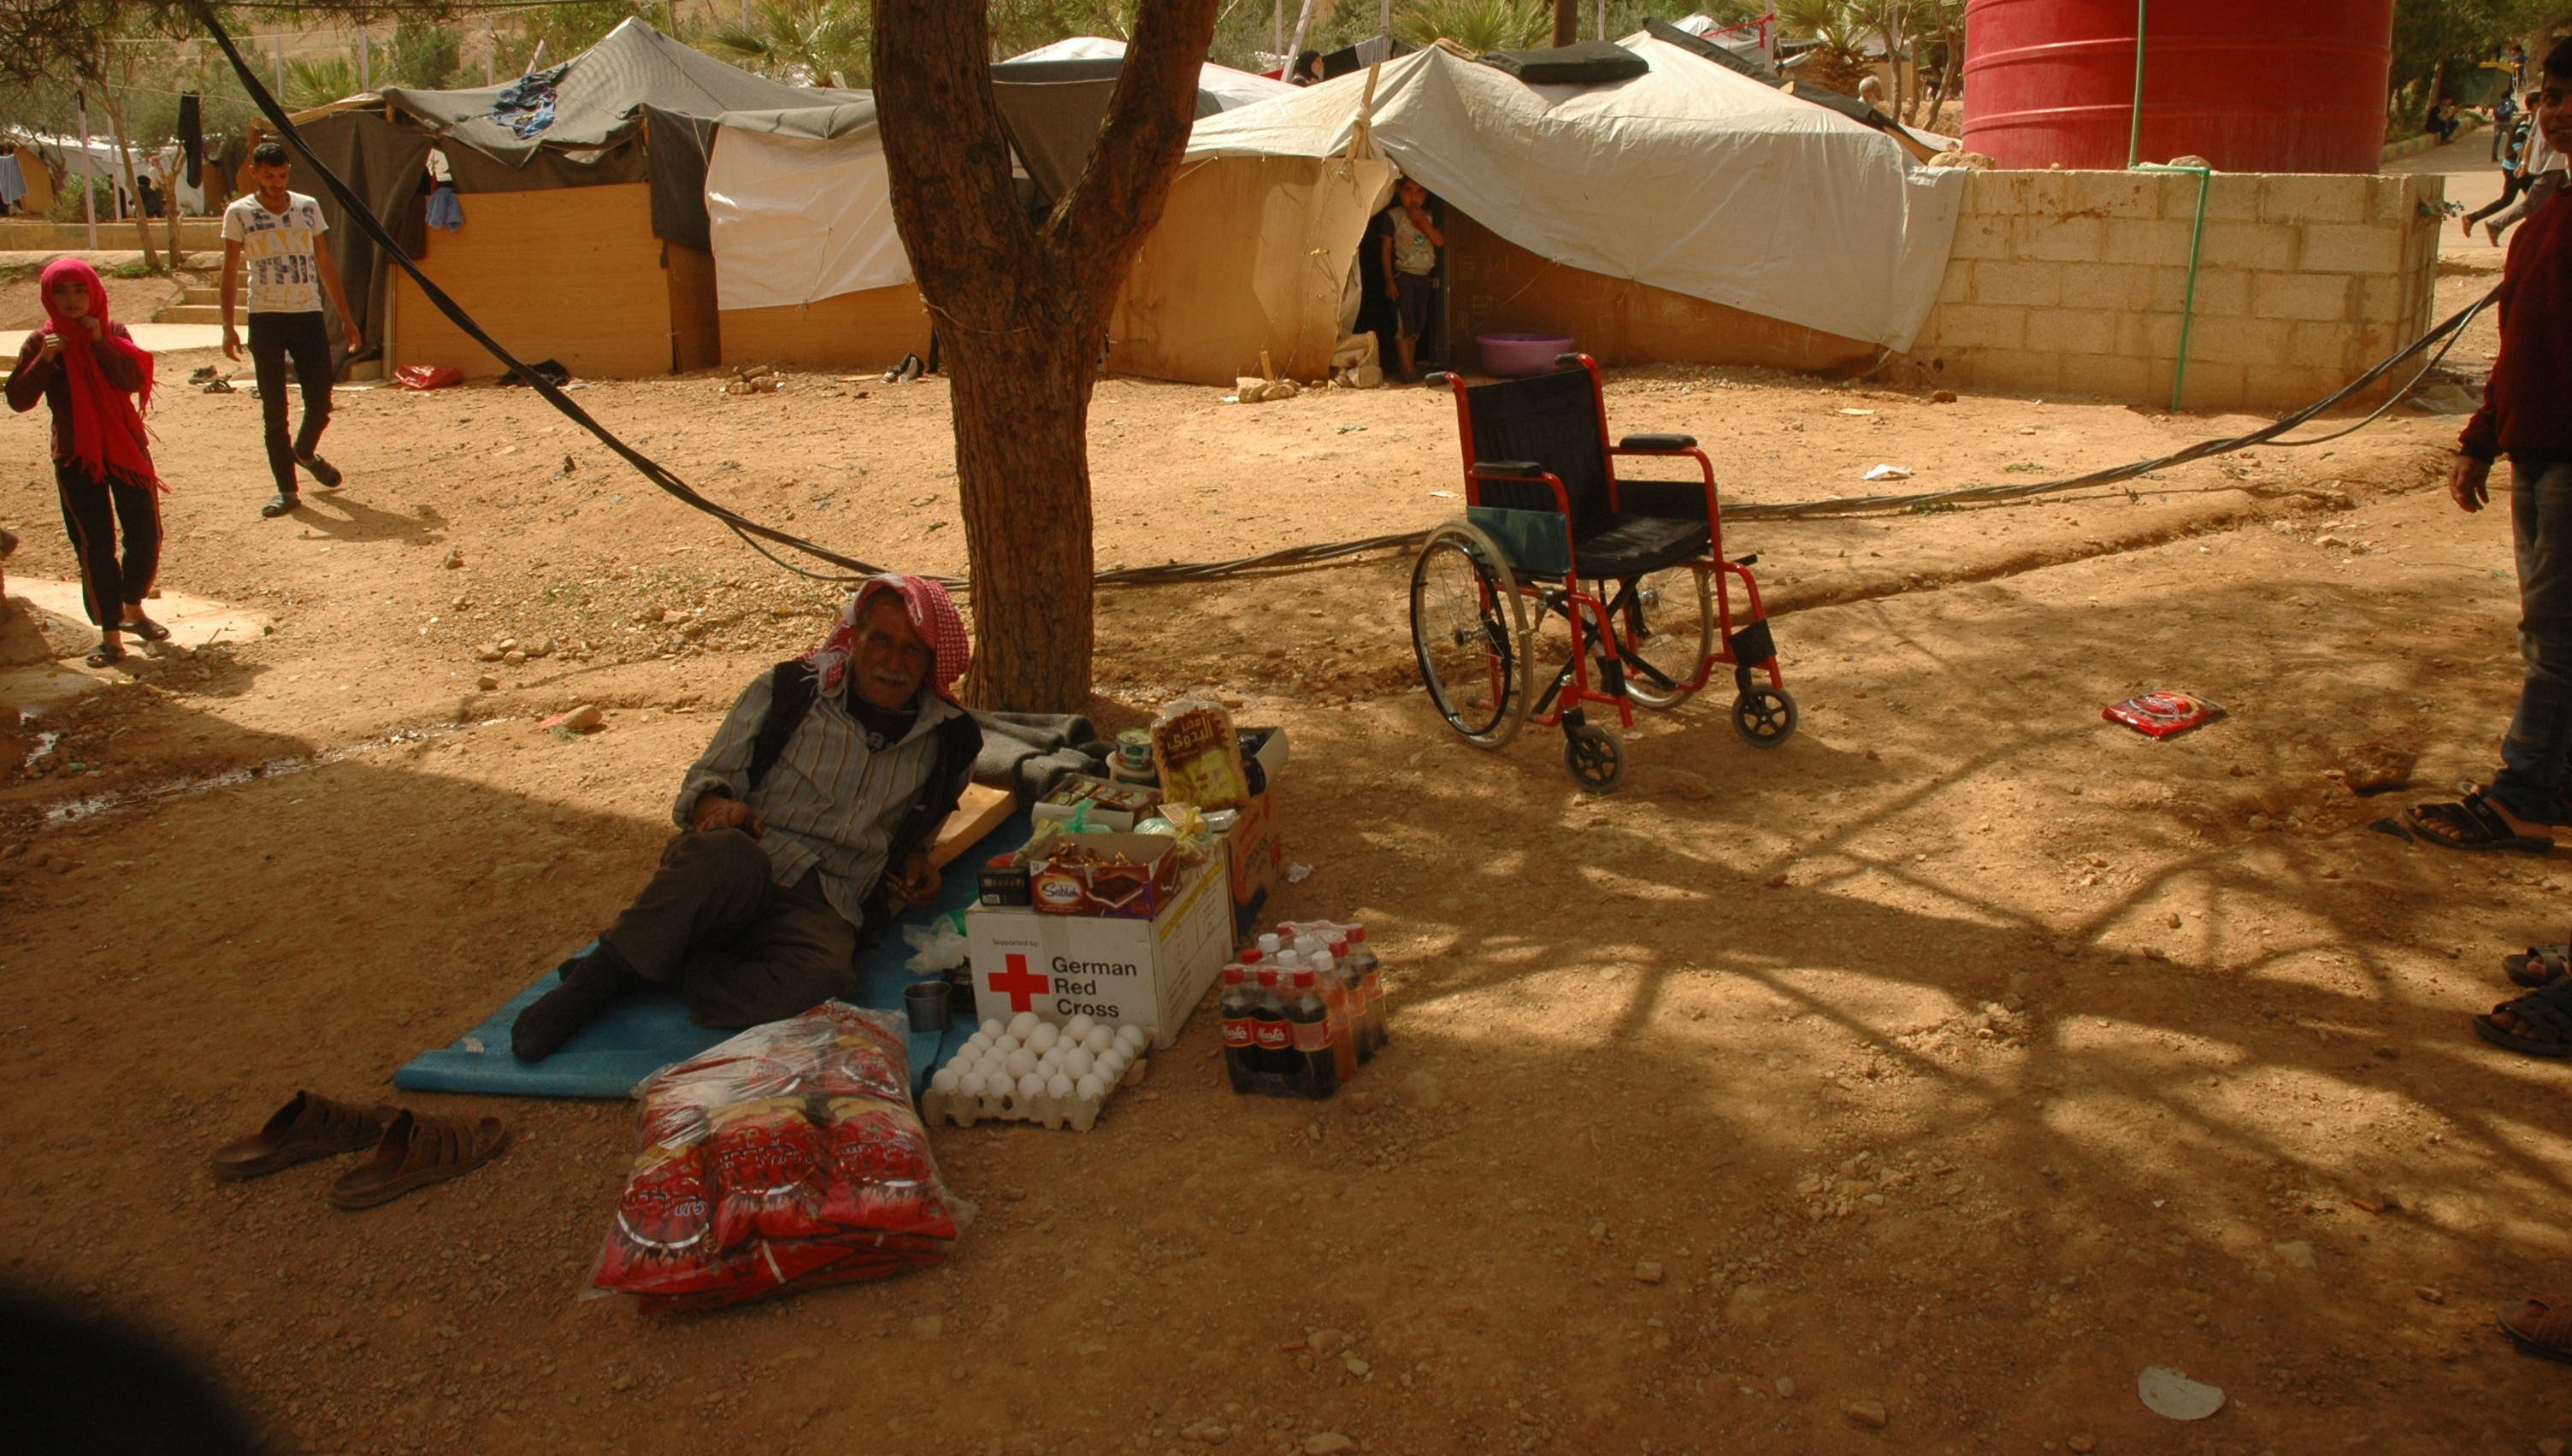 Con la falta de trabajo en el campo de refugiados Ad Doueir, no queda más que vender la ayuda humanitaria para poder pagar por los medicamentos